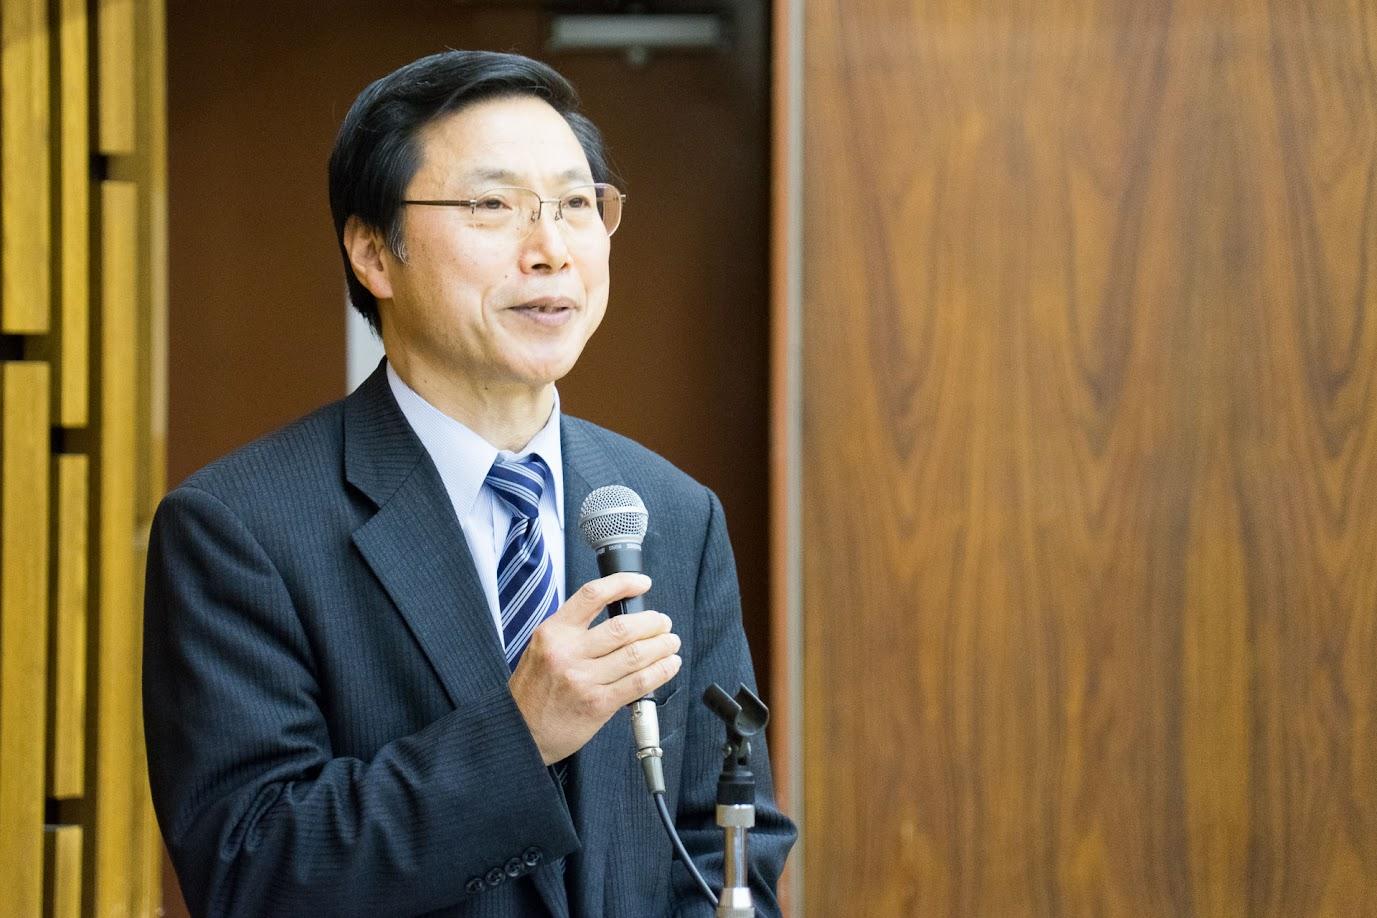 公益財団法人 日本特産農産物協会・矢野哲男 専務理事